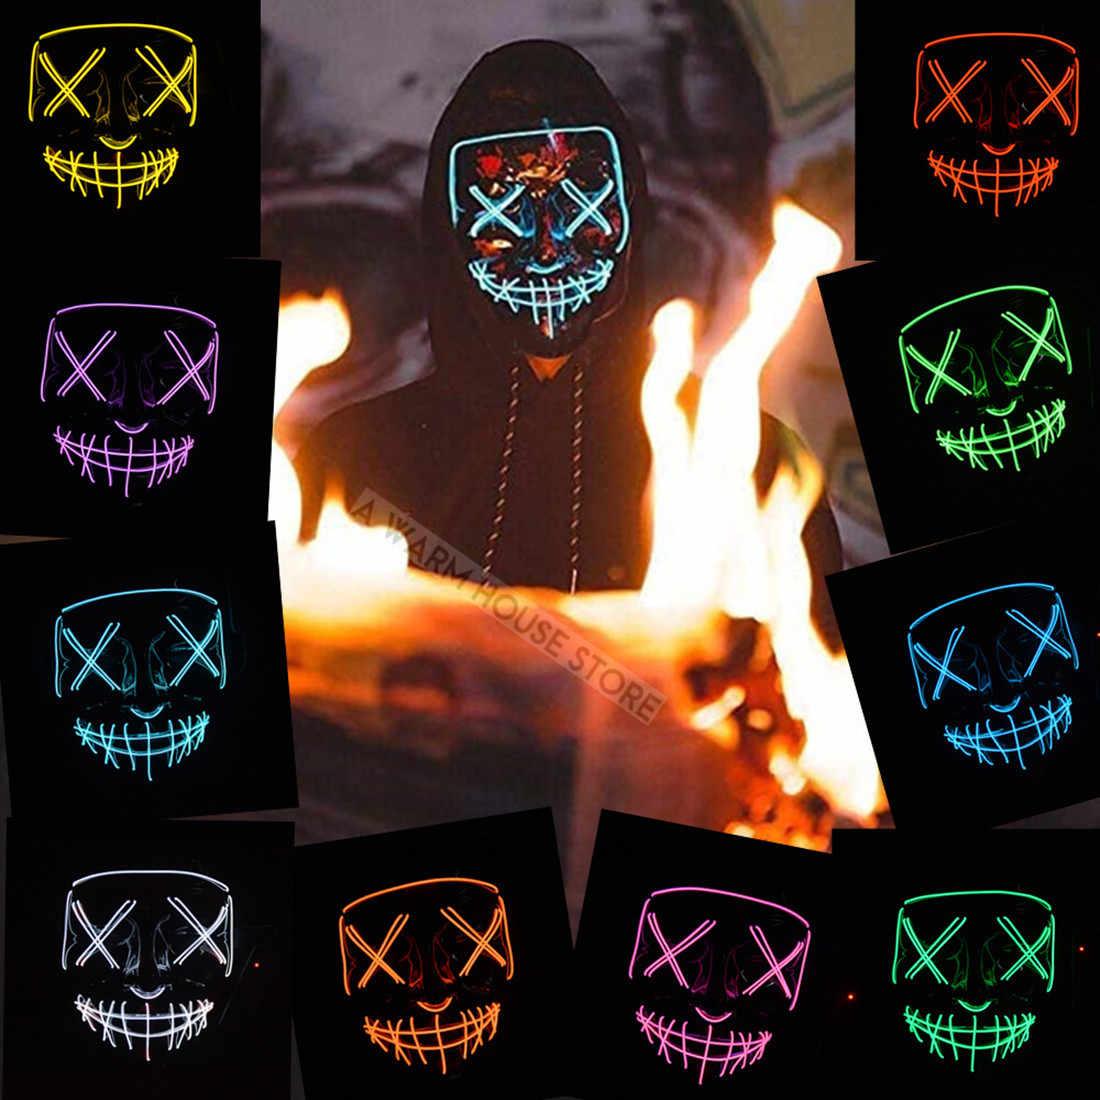 هالوين قناع LED أقنعة تنكرية للحفلات الرعب قناع النيون حزب الماسكارا تأثيري مخيف المقنع متوهجة Mascarillas الجمجمة Maski كرنفال V